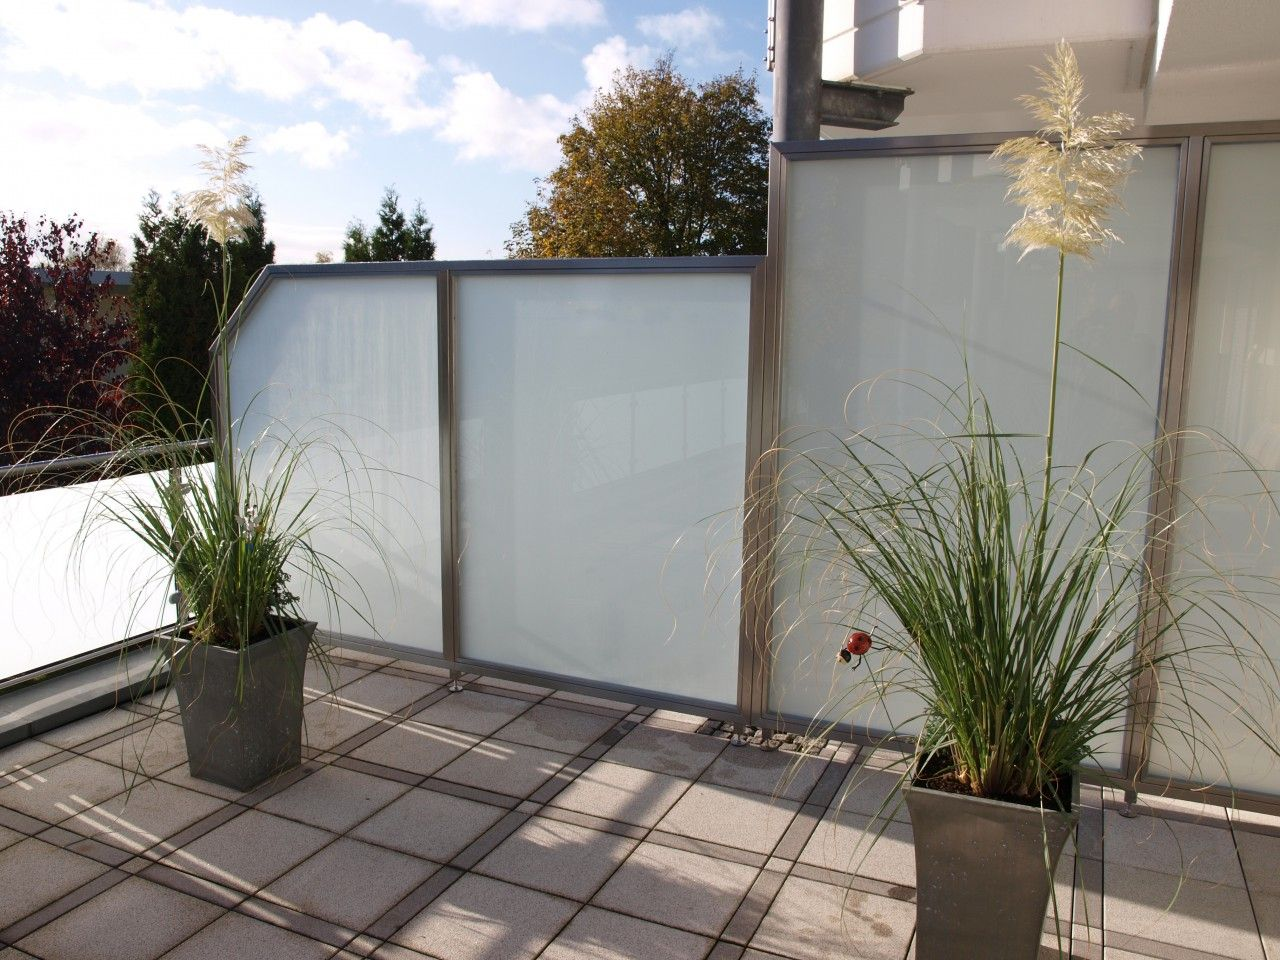 Full Size of Trennwand Balkon Sichtschutz Trennwnde Edelstahl Glas Windschutz Garten Glastrennwand Dusche Wohnzimmer Trennwand Balkon